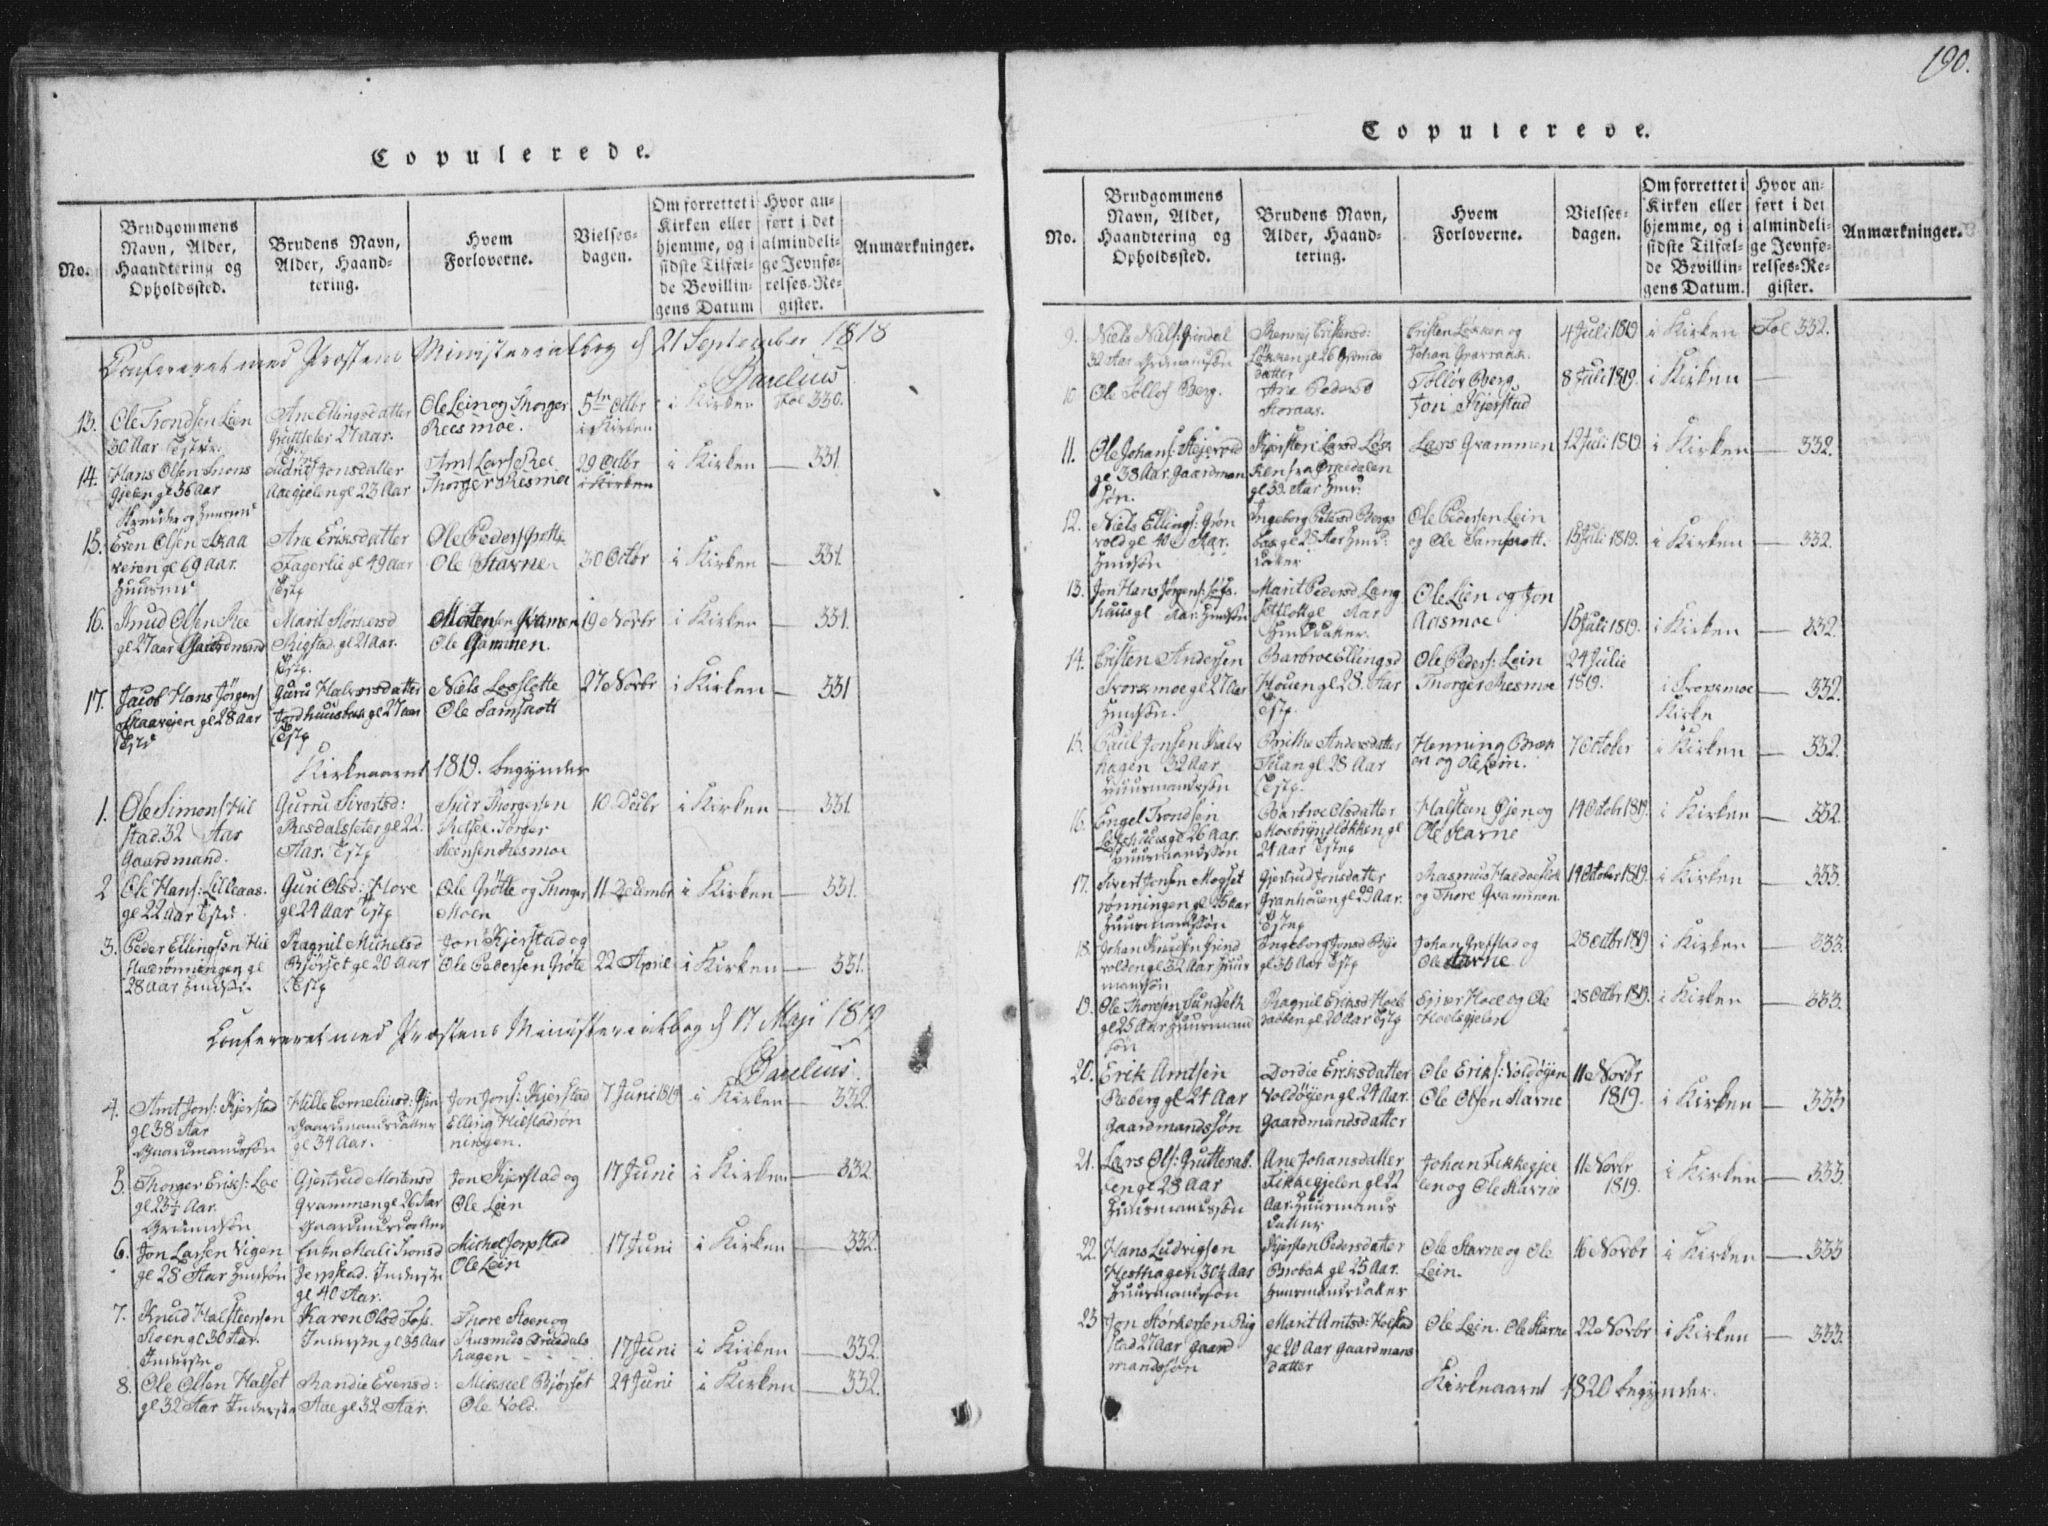 SAT, Ministerialprotokoller, klokkerbøker og fødselsregistre - Sør-Trøndelag, 672/L0862: Klokkerbok nr. 672C01, 1816-1831, s. 190